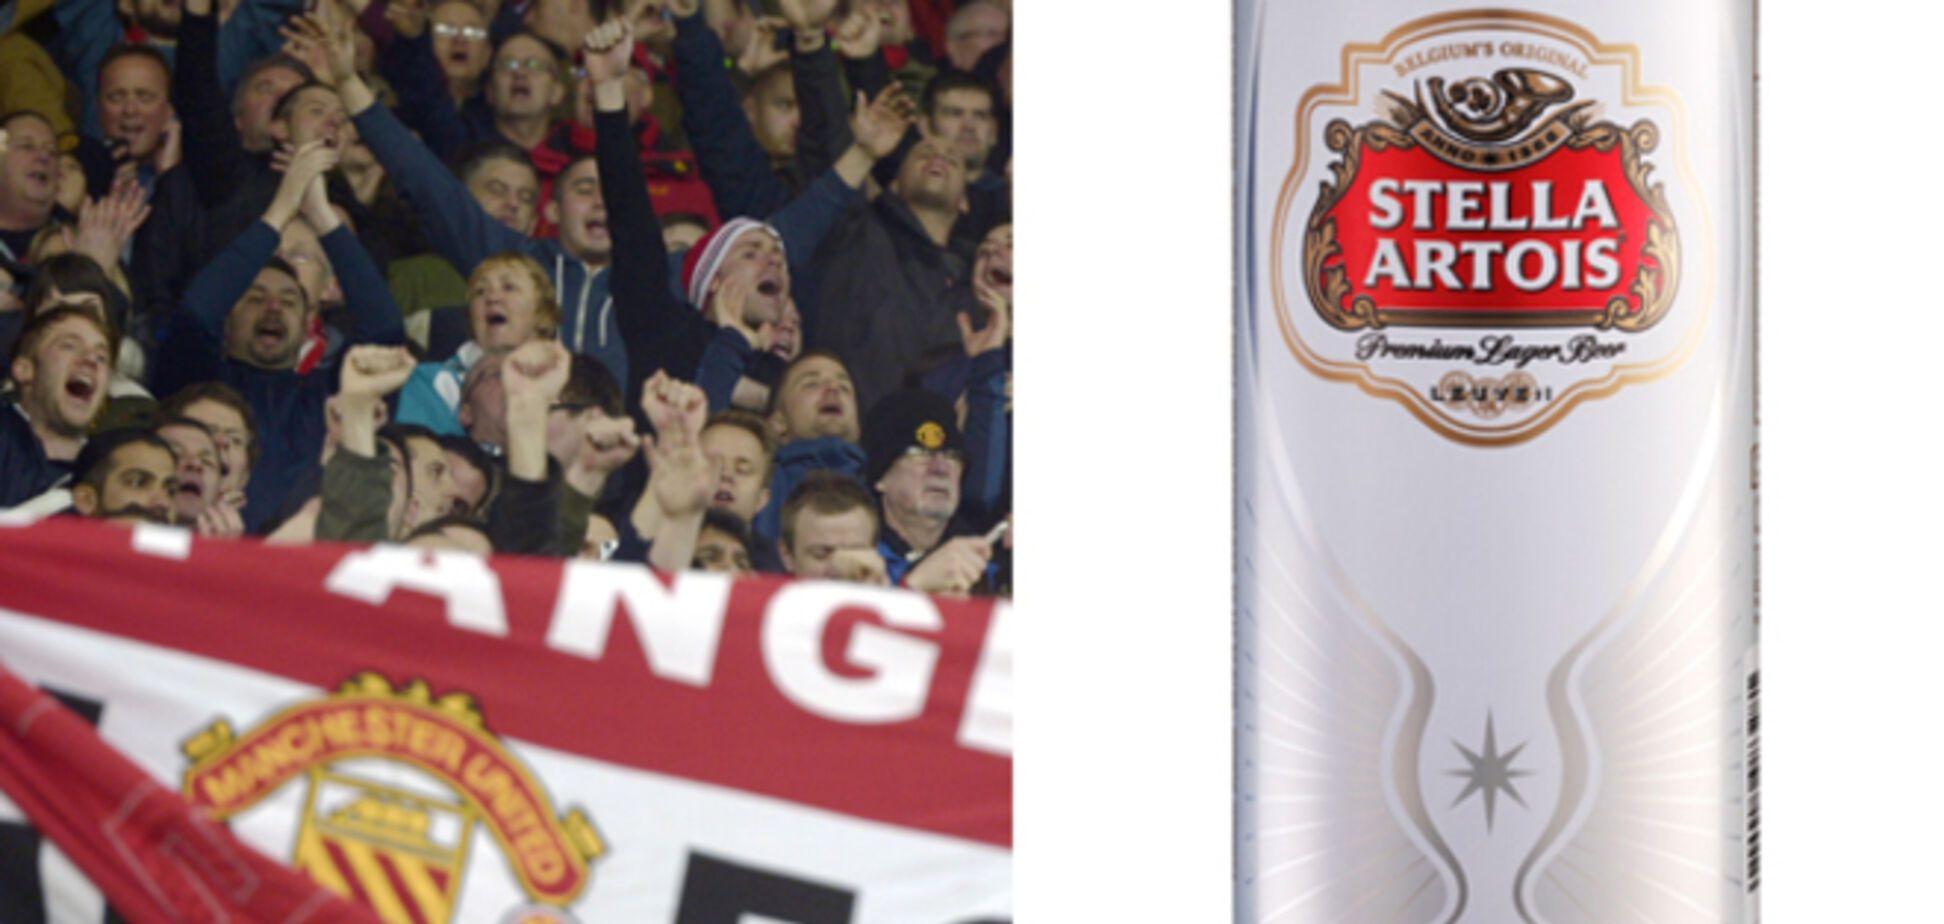 МЮ запретил фанату посещать матчи клуба за попытку пронести банку пива